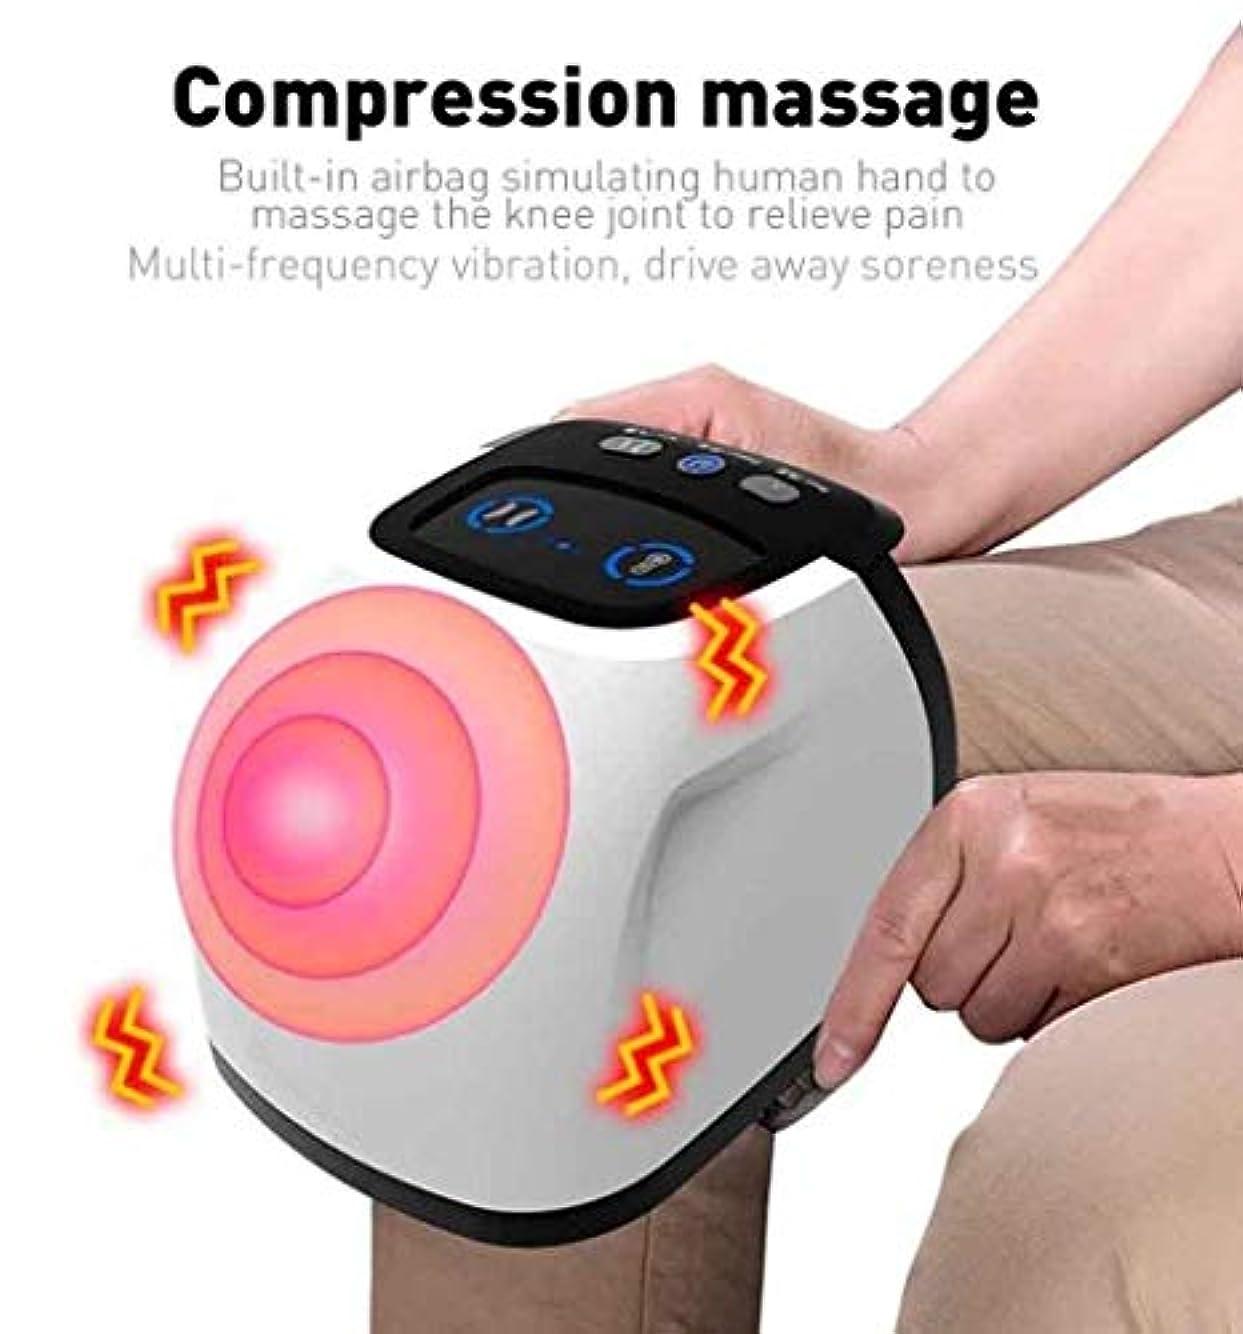 誤って友だち火山学足と膝の痛みを和らげるための電動マッサージケアツール、エアバッグの圧縮/振動/暖かい/赤外線マグネット理学療法、血液循環の促進